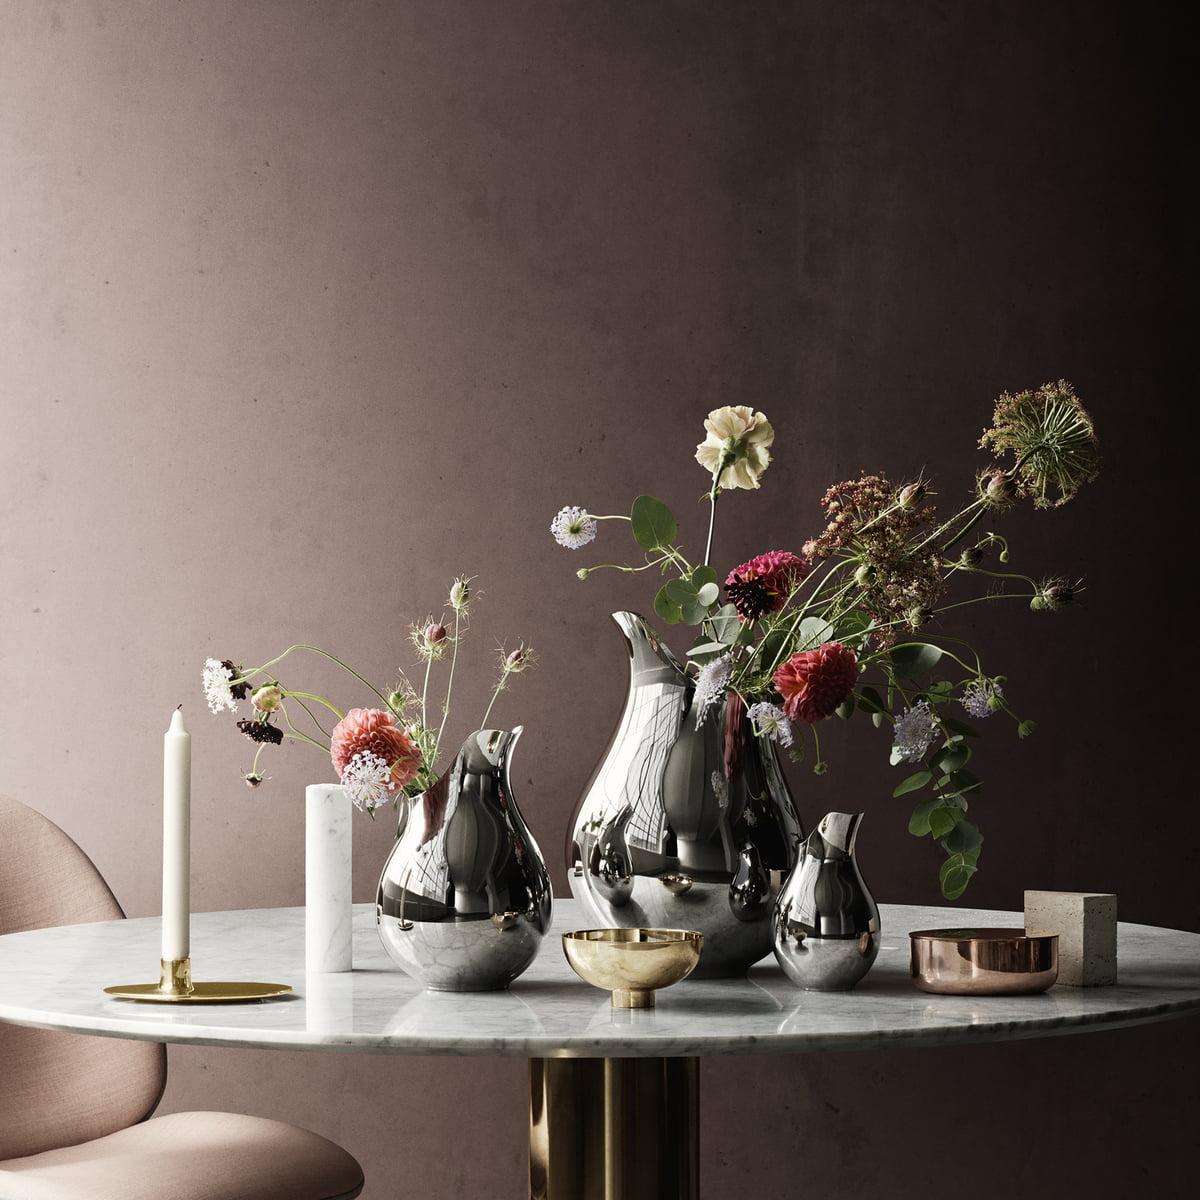 Ilse Bowl By Georg Jensen Connox Shop